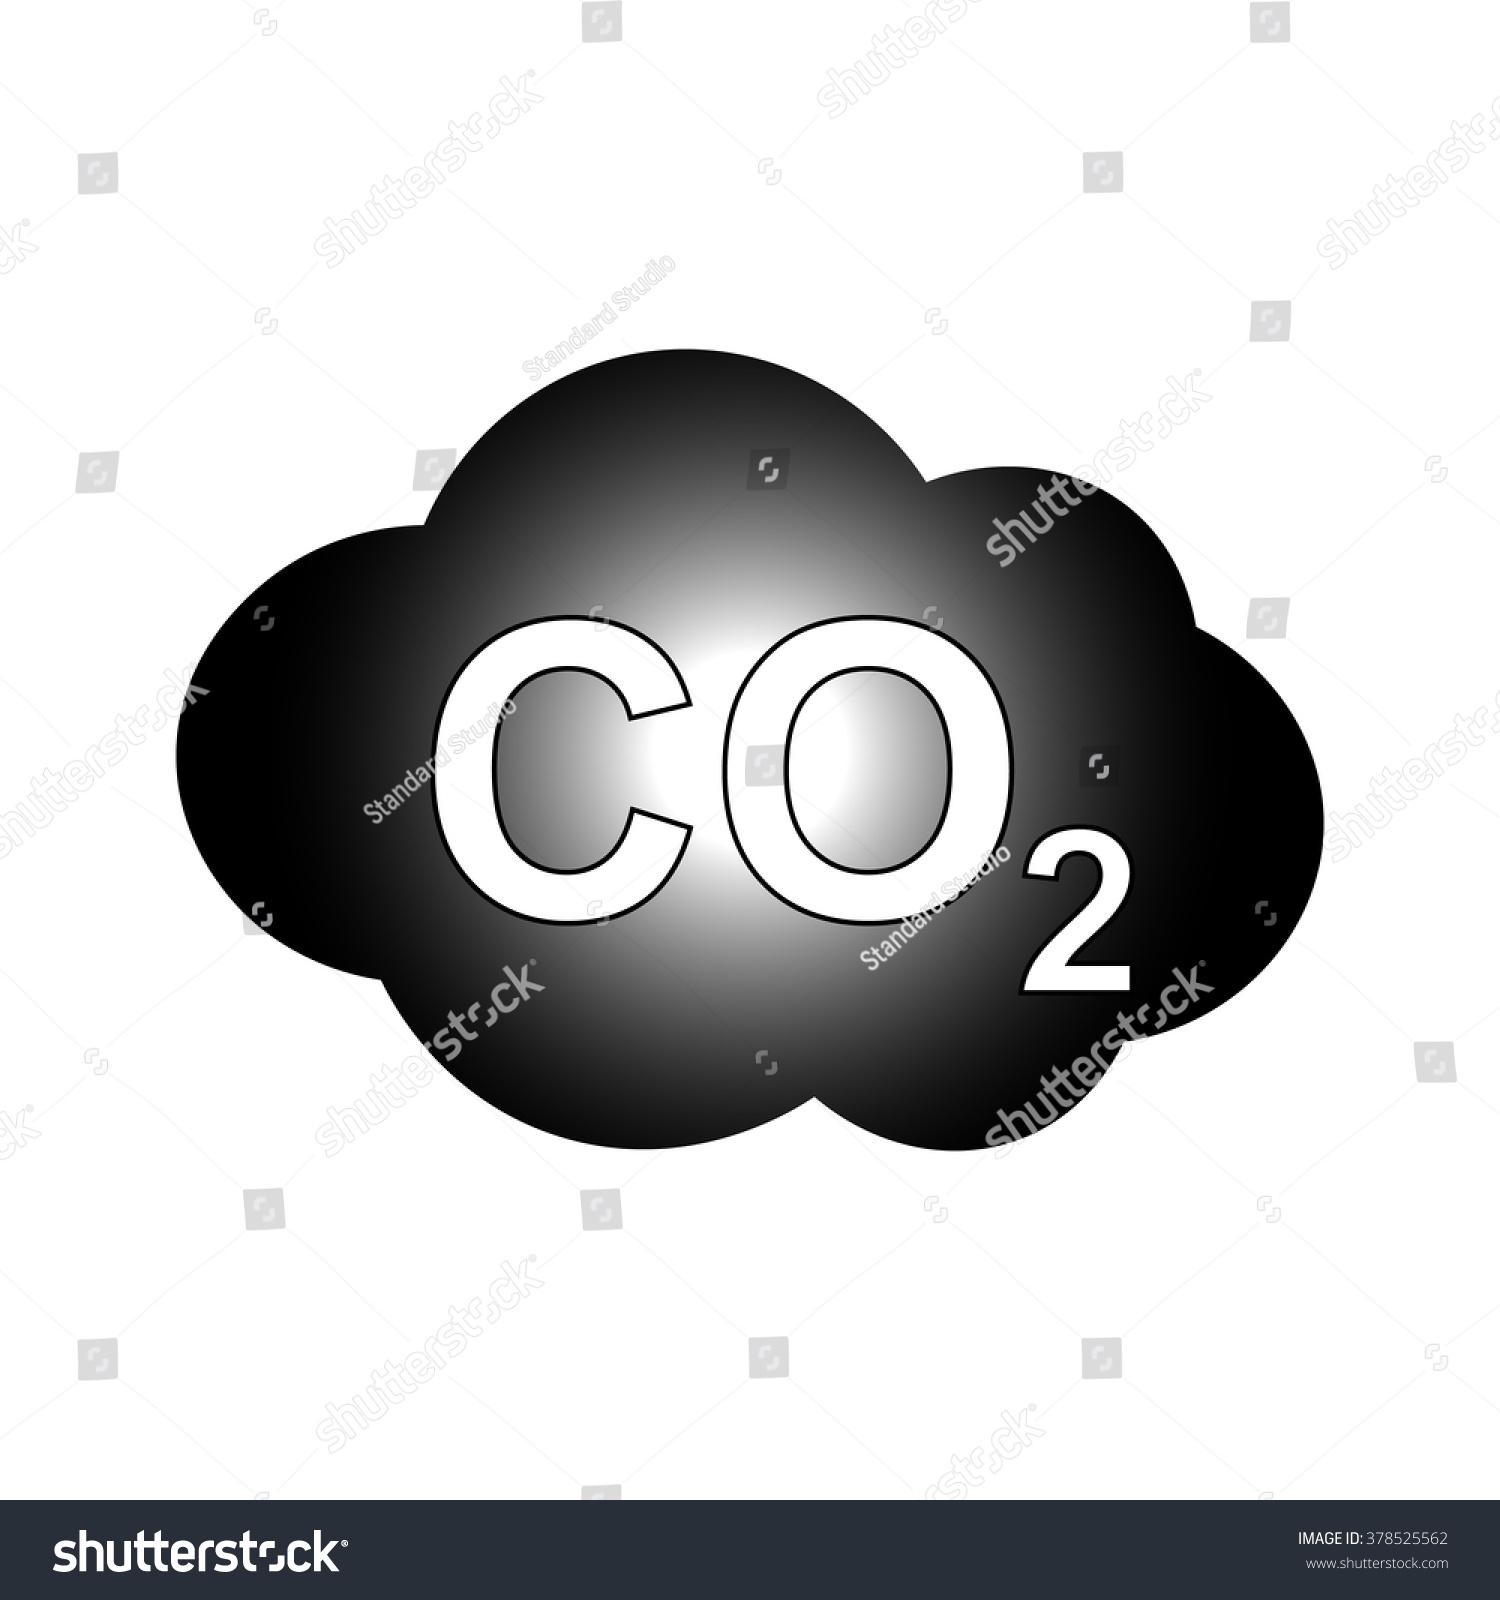 Co2 icon carbon dioxide formula symbol stock vector 378525562 co2 icon carbon dioxide formula symbol vector illustration buycottarizona Images